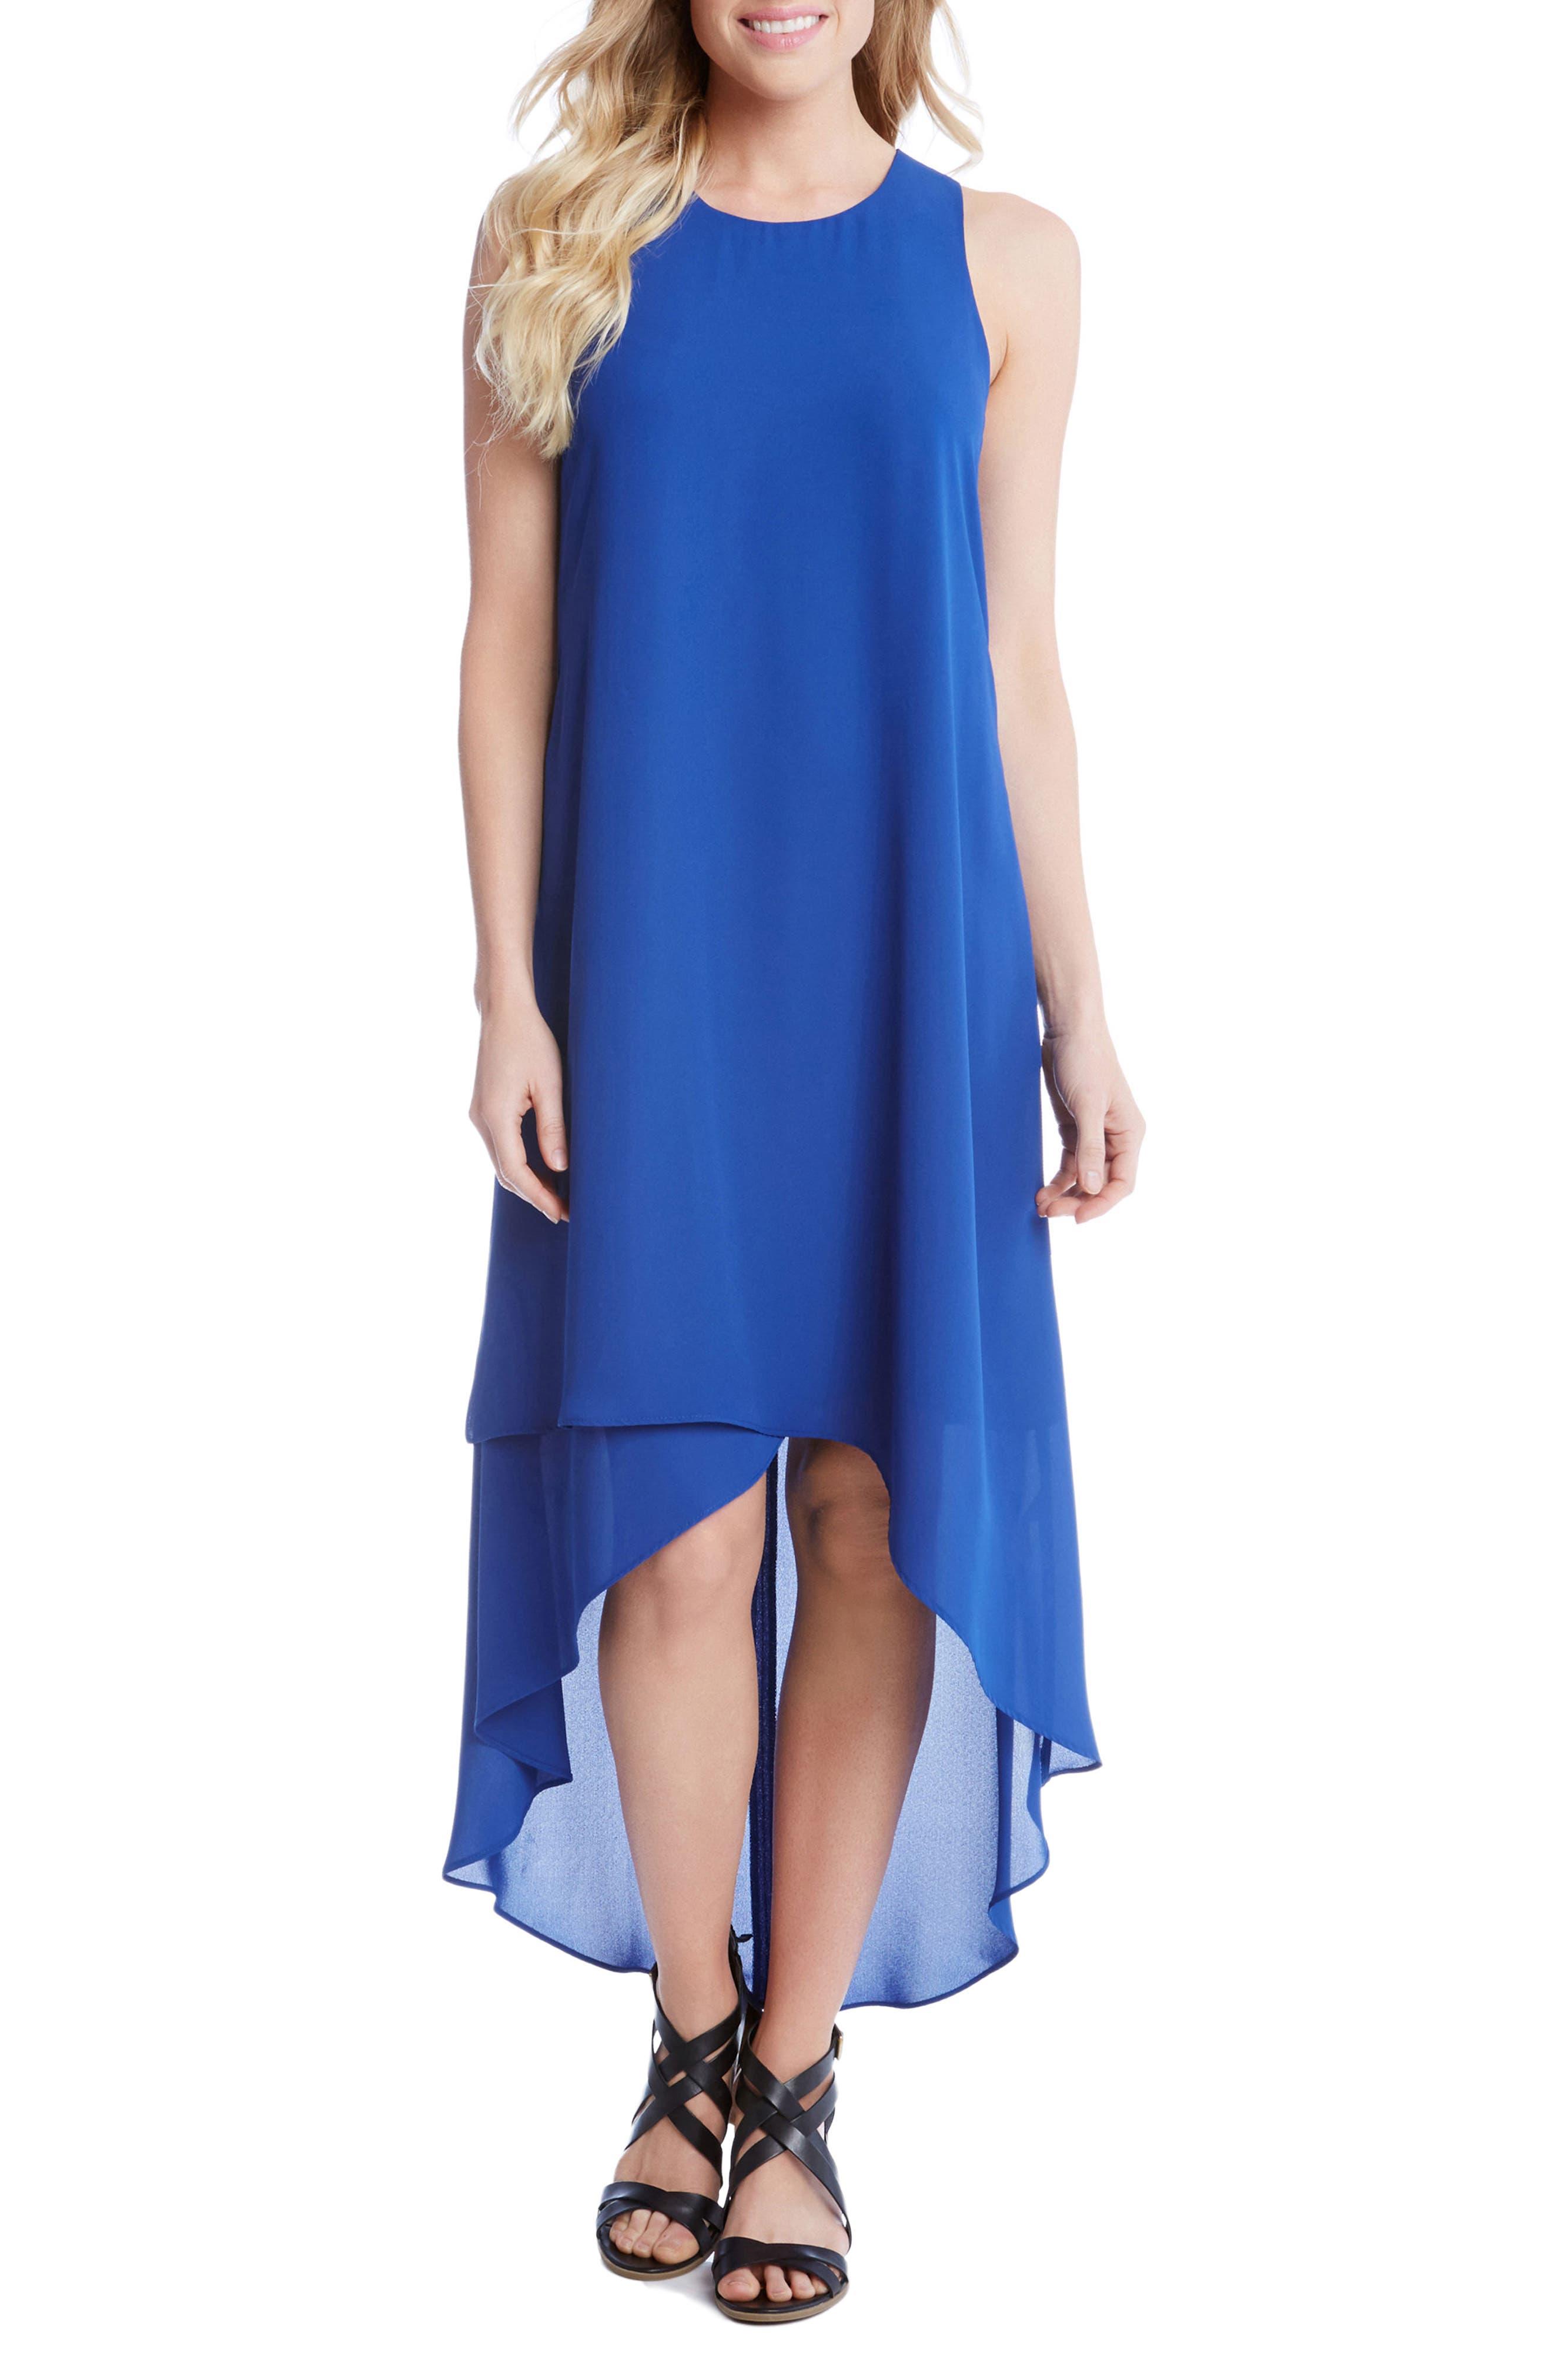 Main Image - Karen Kane High/Low Crepe Dress